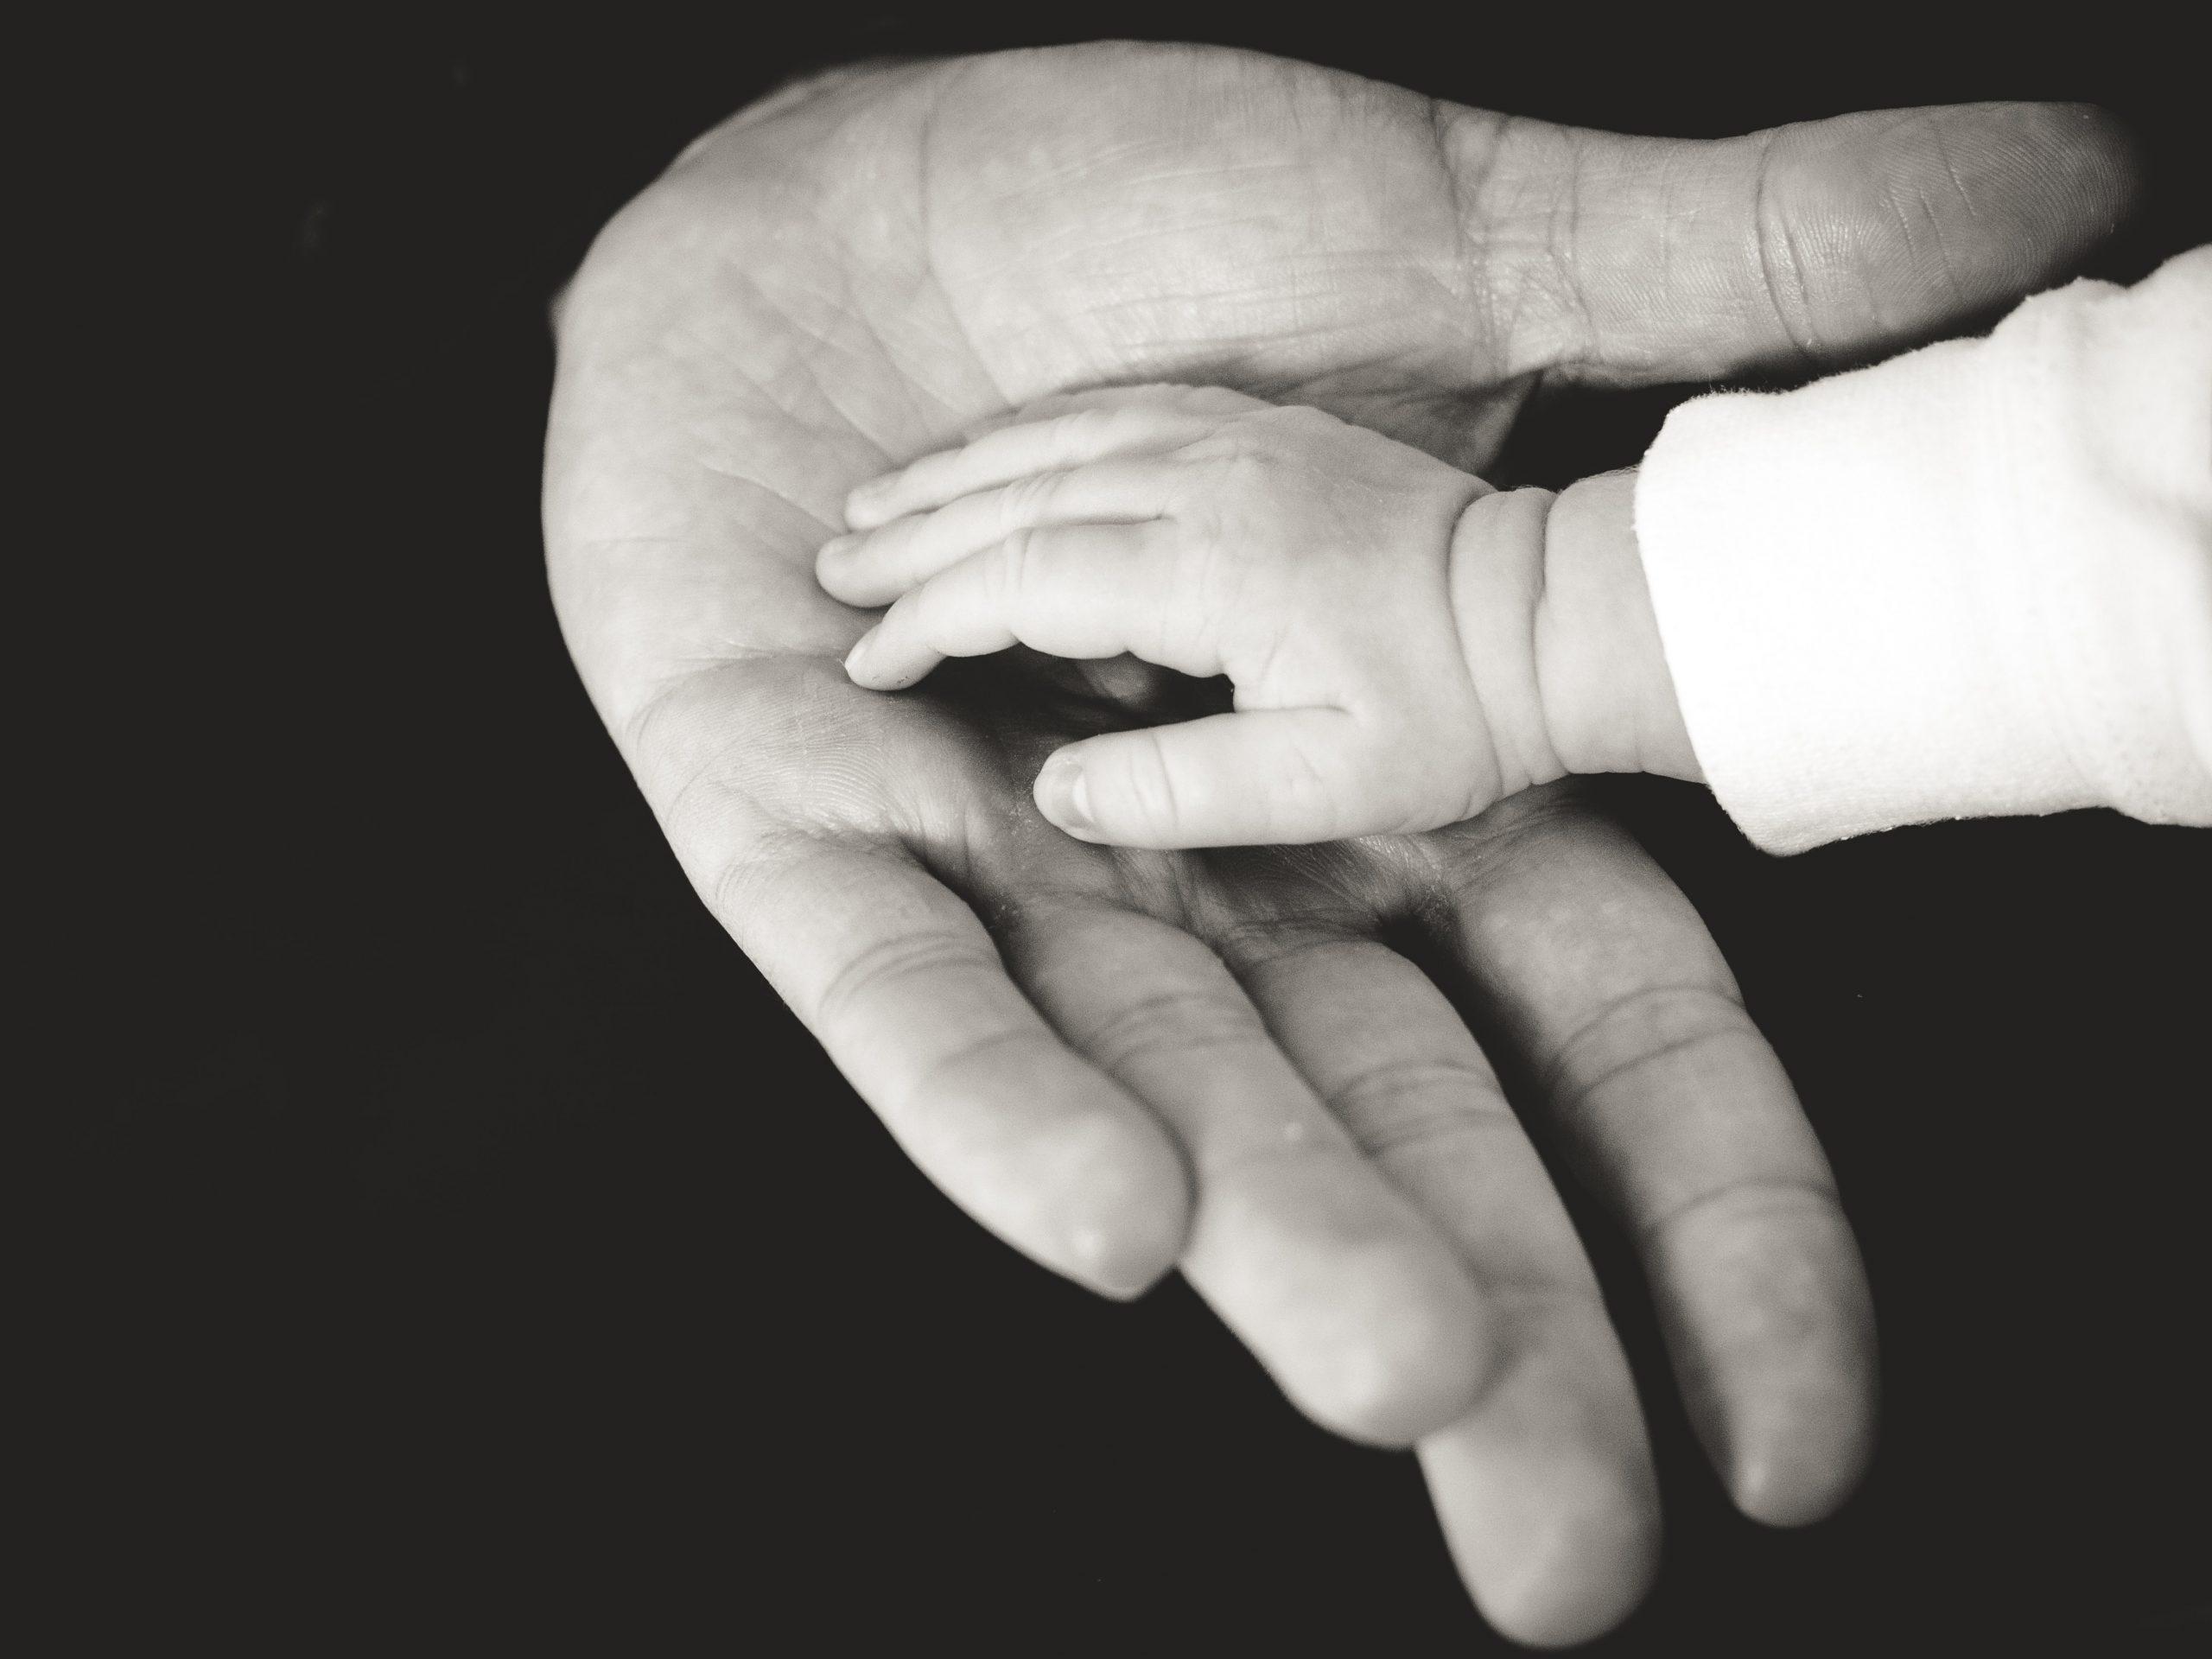 La figura paterna: Pilar fundamental para el desarrollo de los hijos